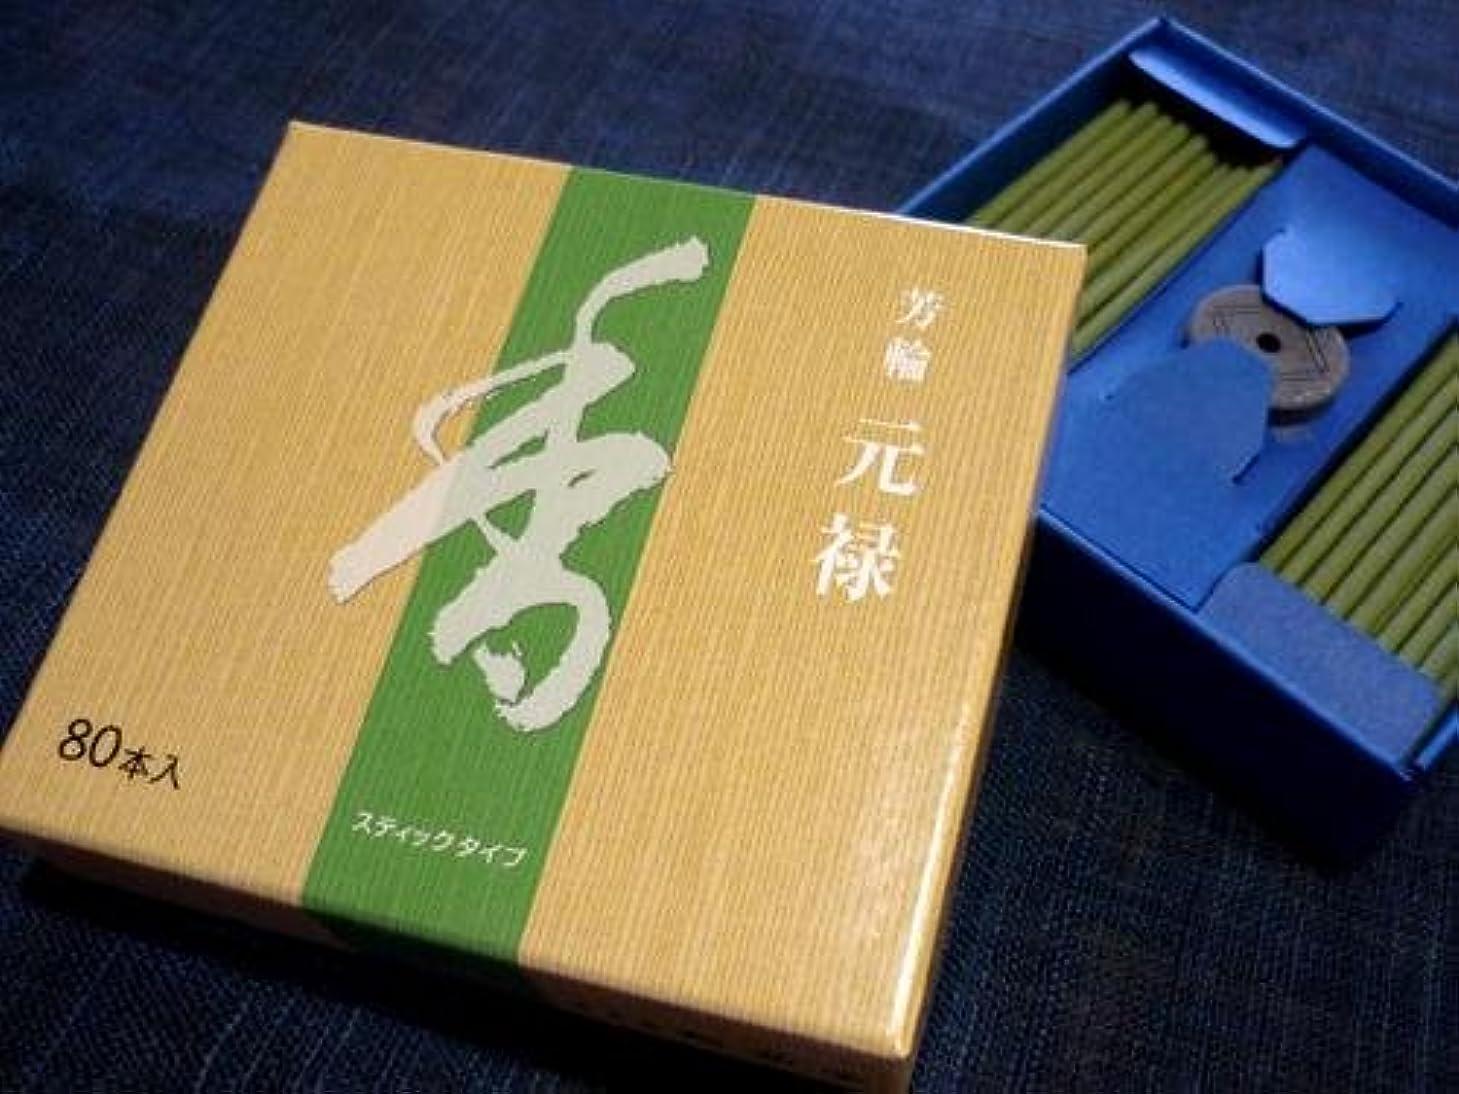 第四離す急性松栄堂 芳輪 元禄スティックタイプ80本入